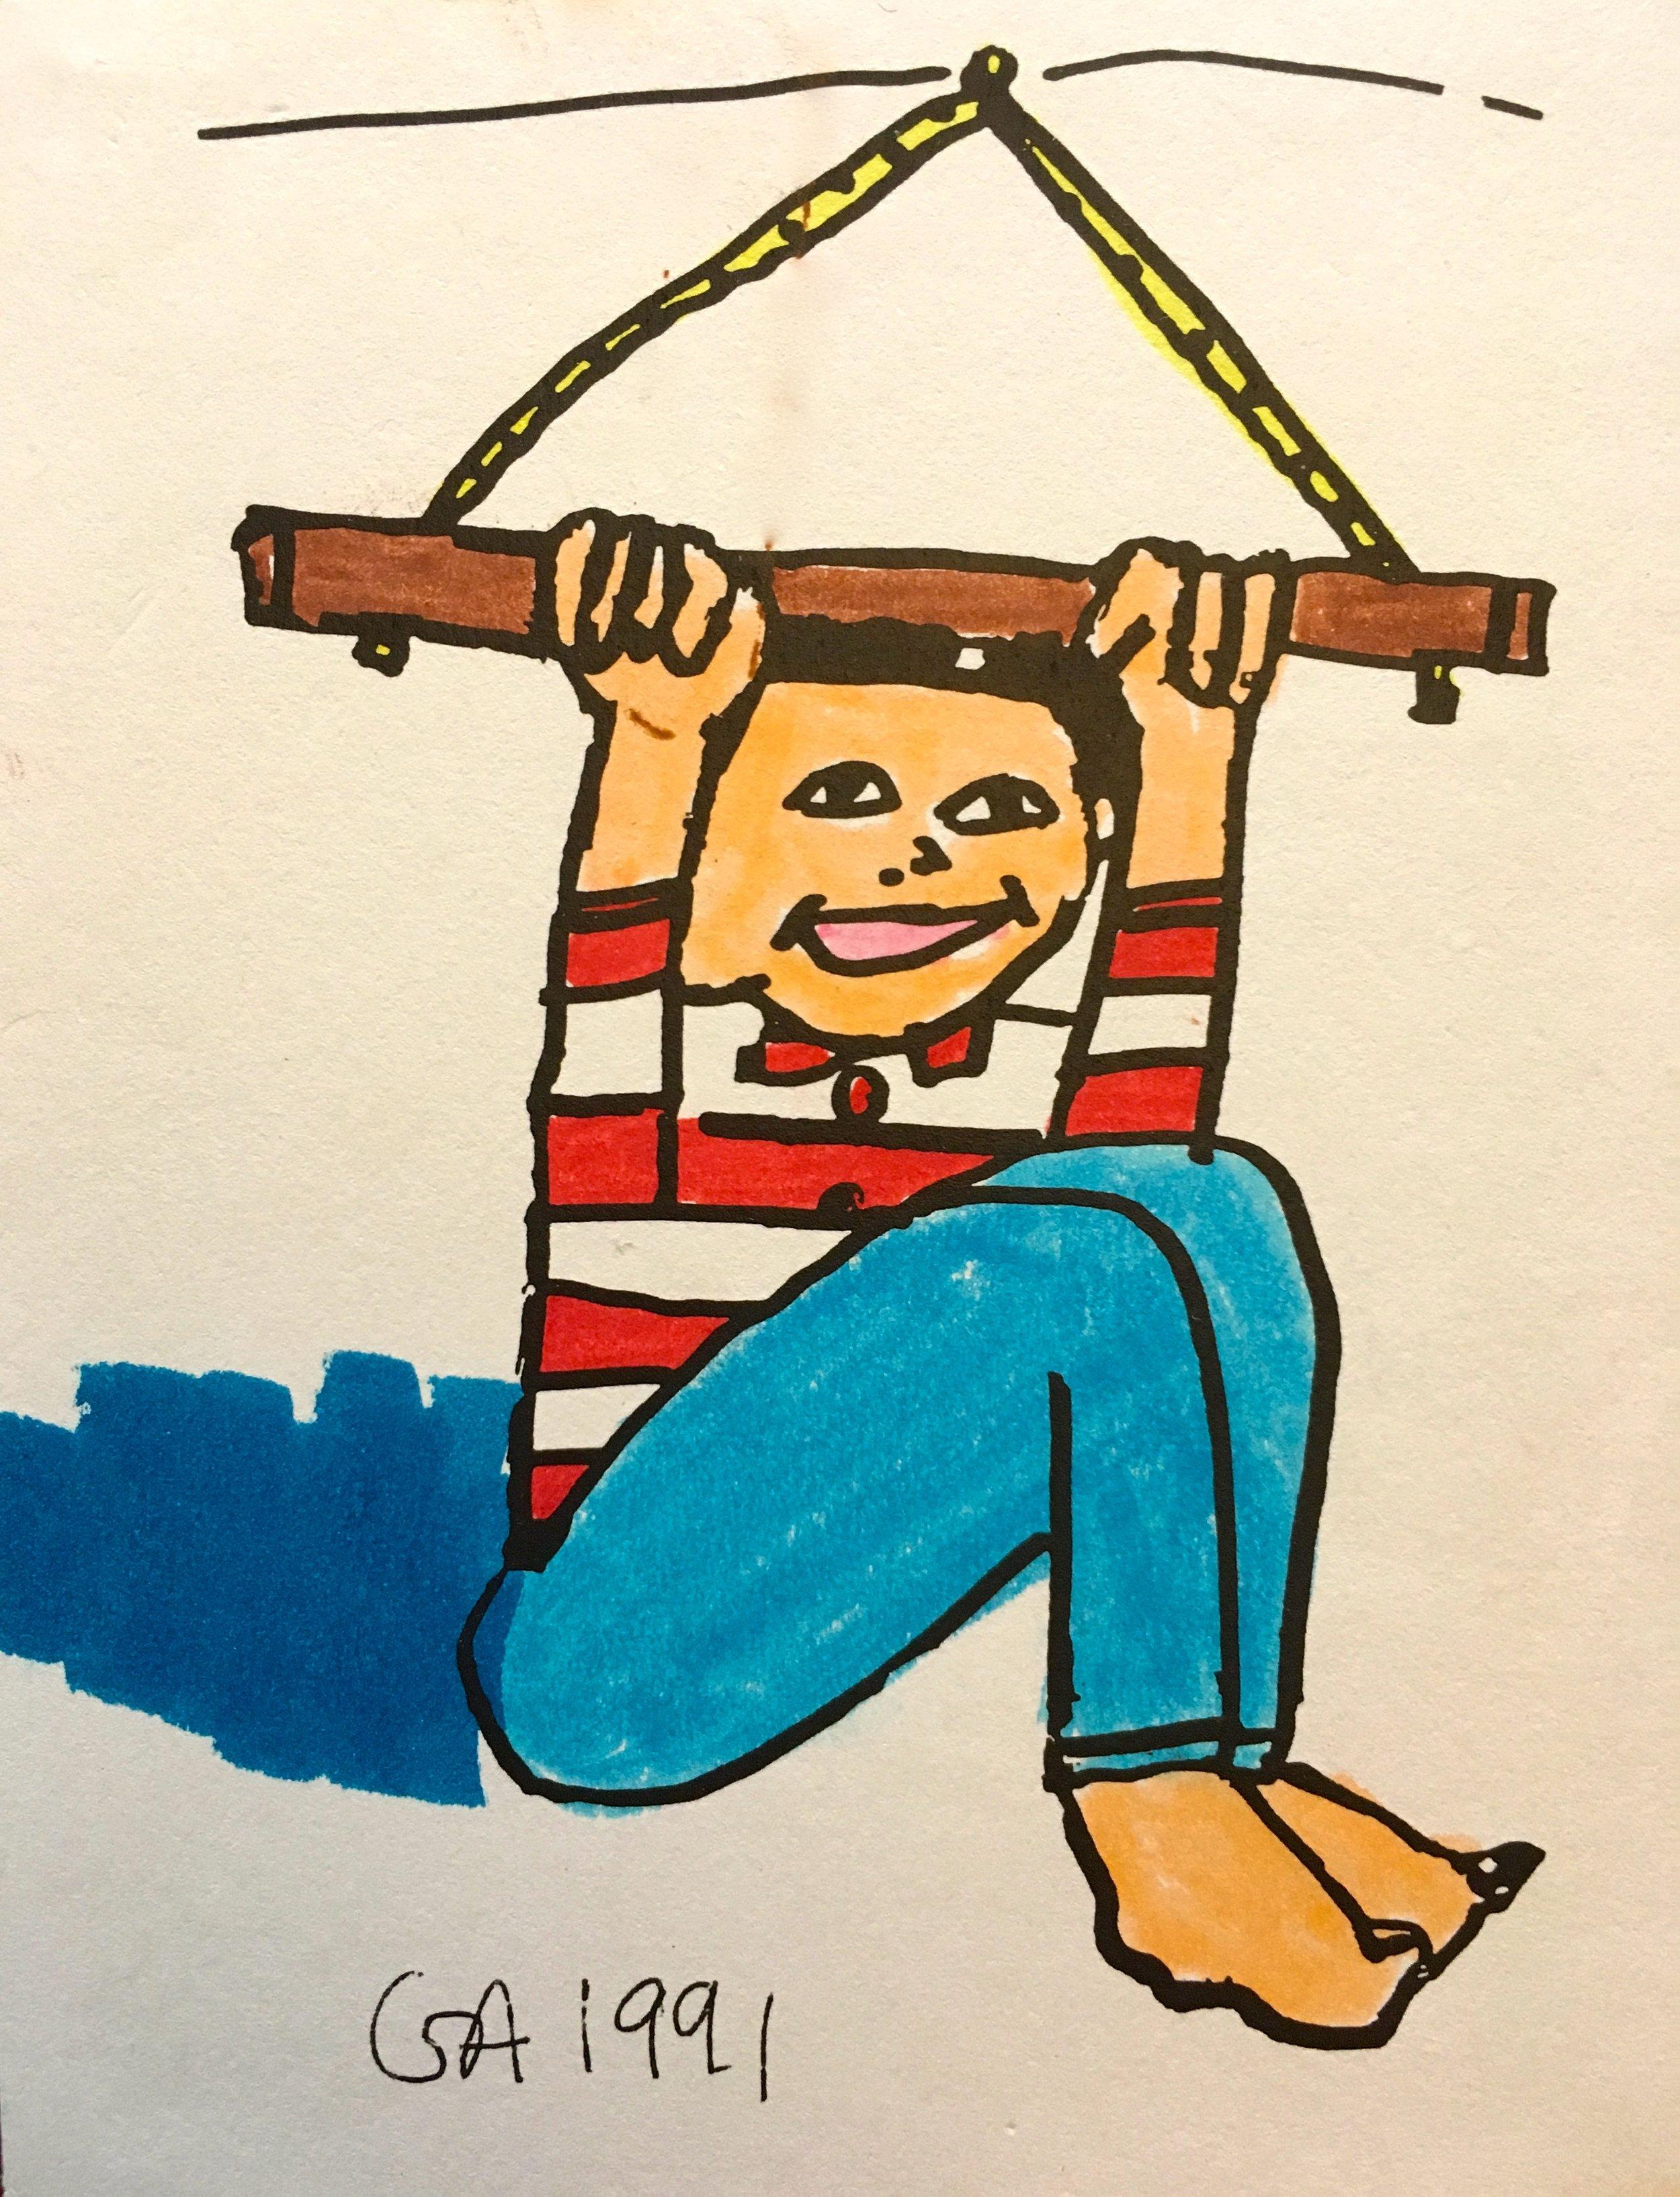 Boy on Trapeze